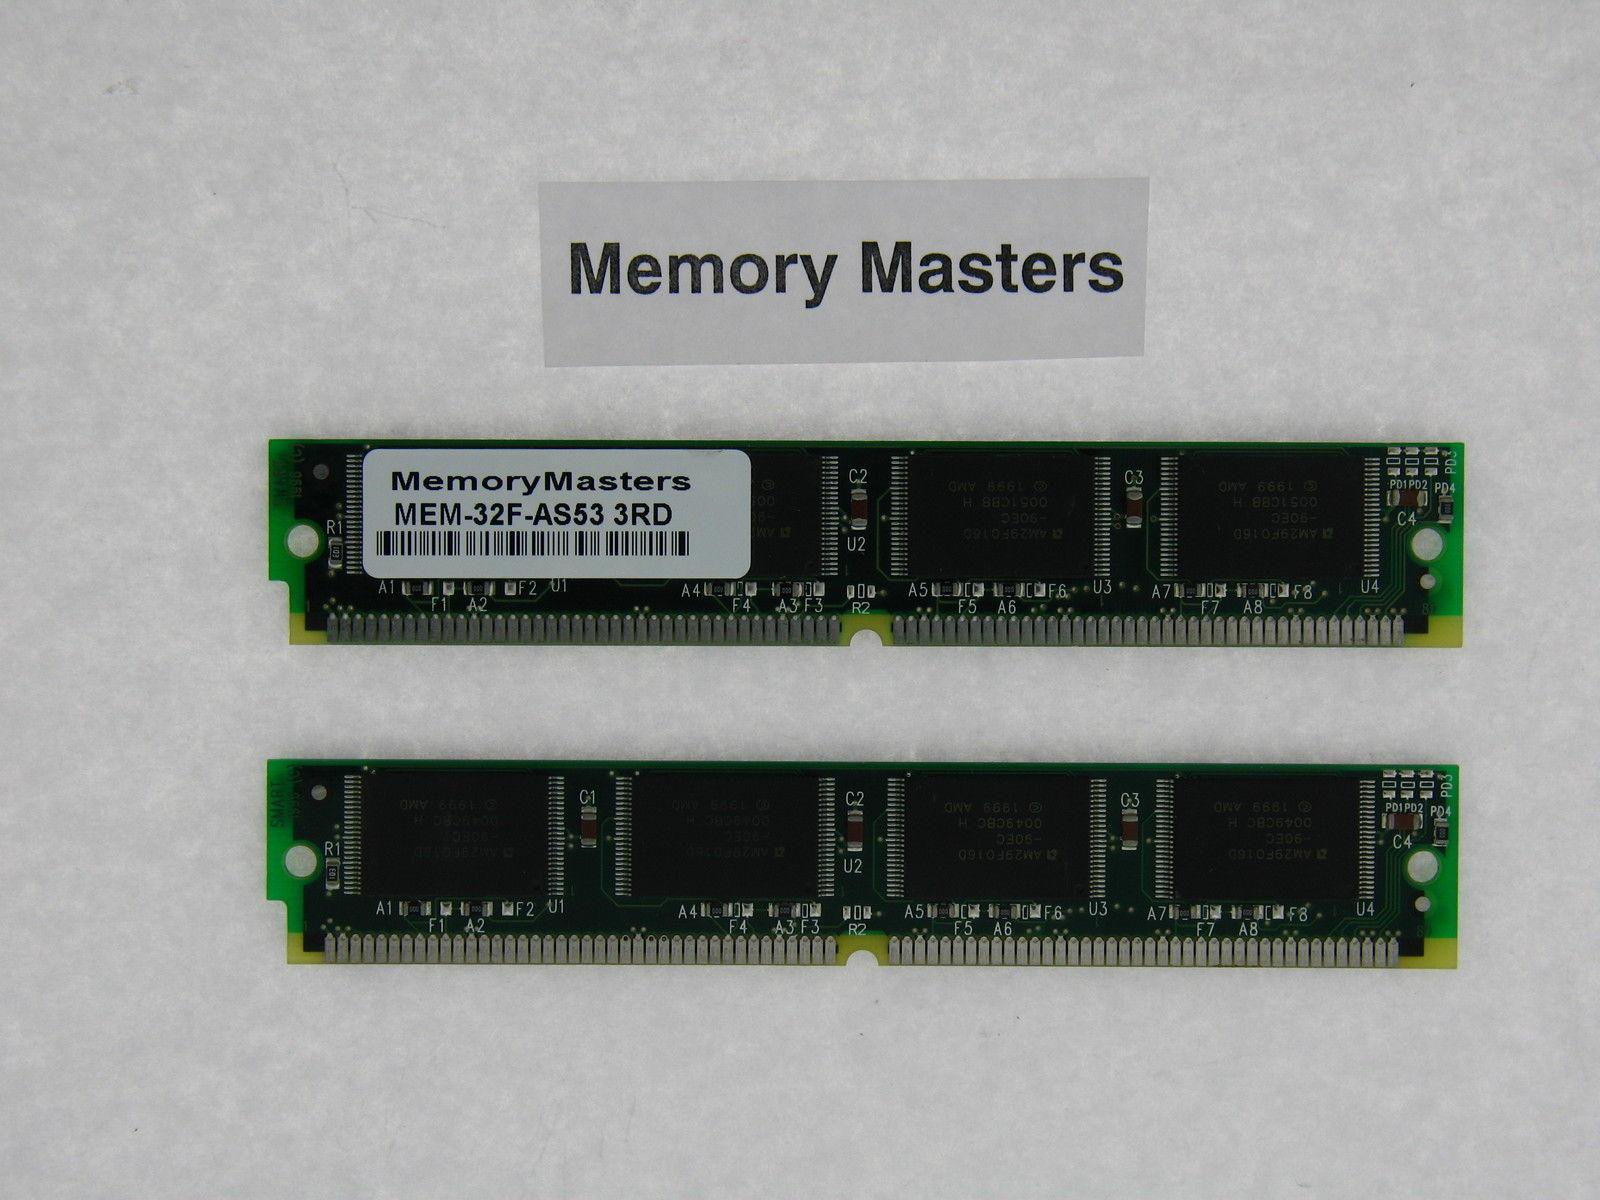 128MB KYOCERA MEMORY KM-1815 KM-1820 KM-1830 KM-2020